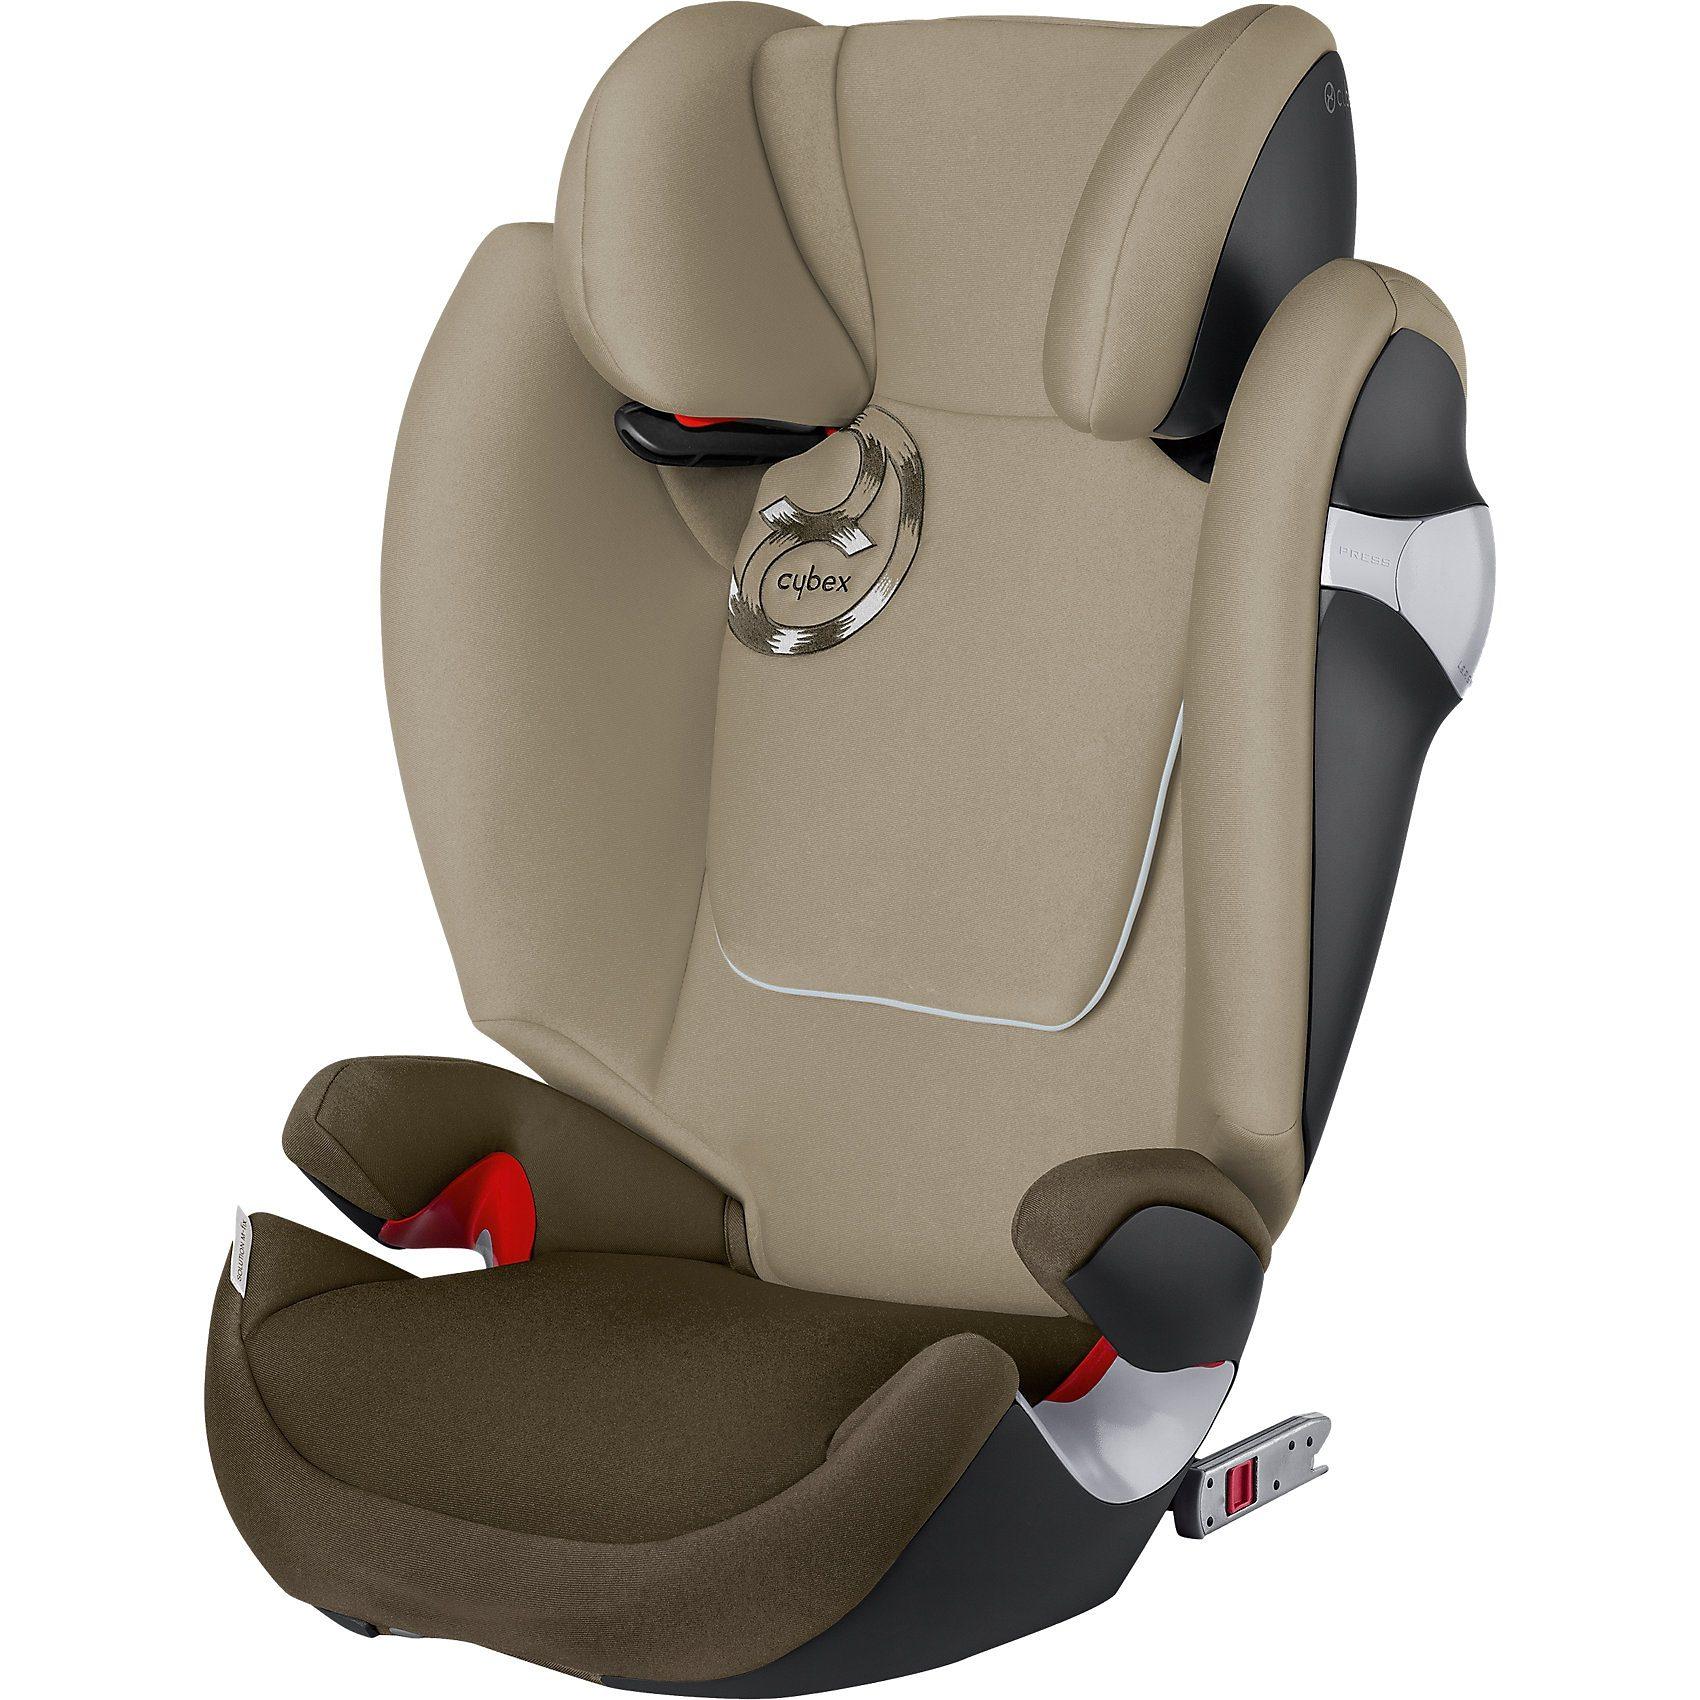 Cybex Auto-Kindersitz Solution M-Fix, Gold-Line, Olive Khaki-Khaki